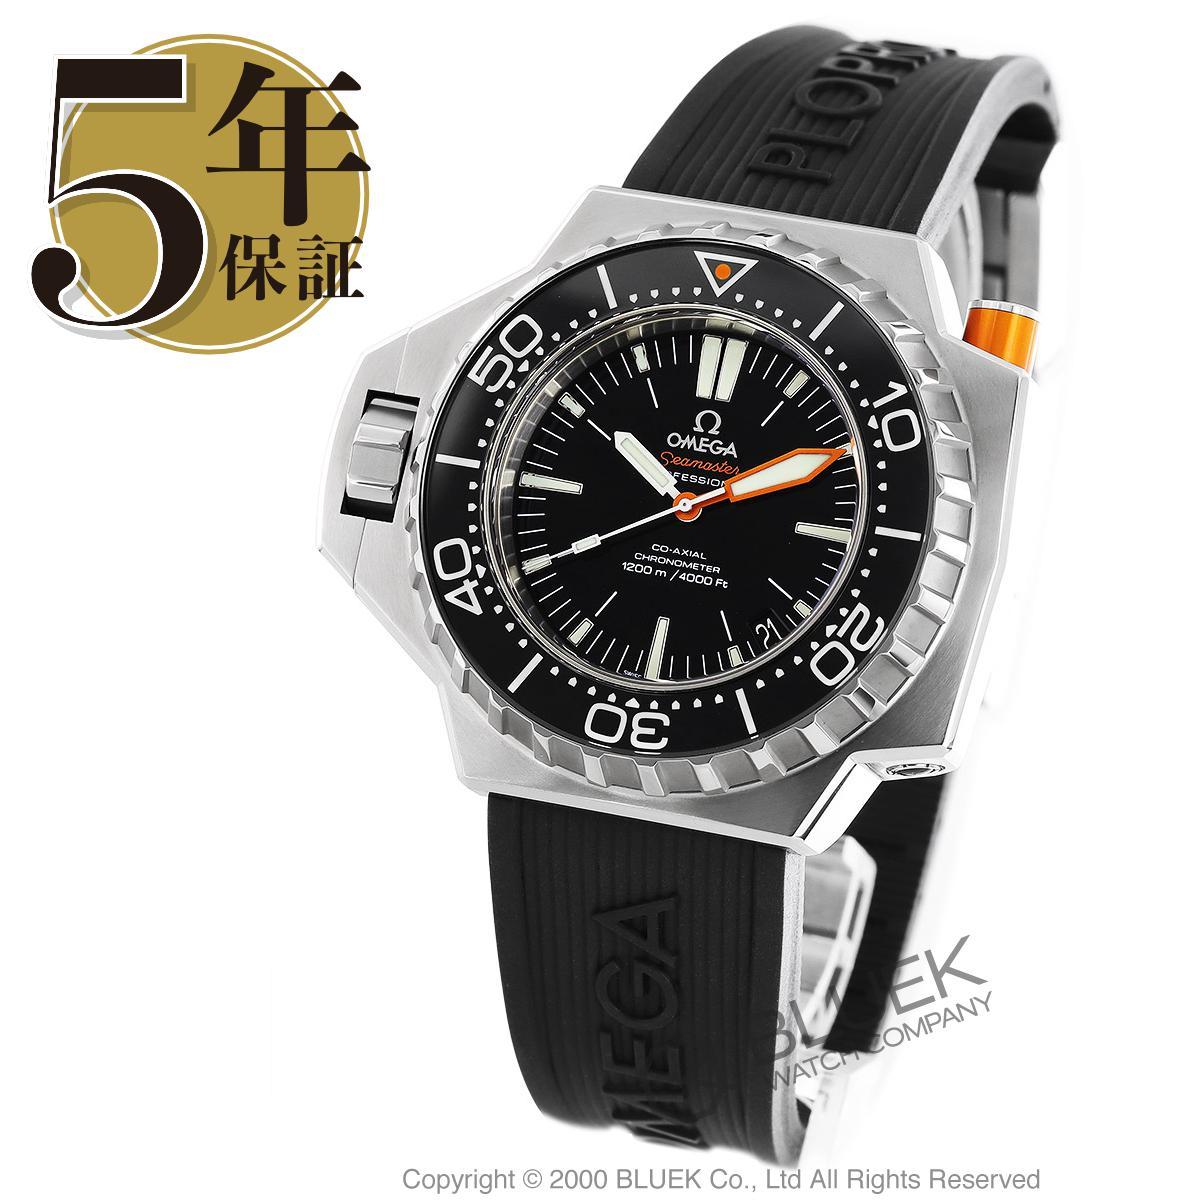 オメガ シーマスター プロプロフ 1200m防水 腕時計 メンズ OMEGA 224.32.55.21.01.001_5